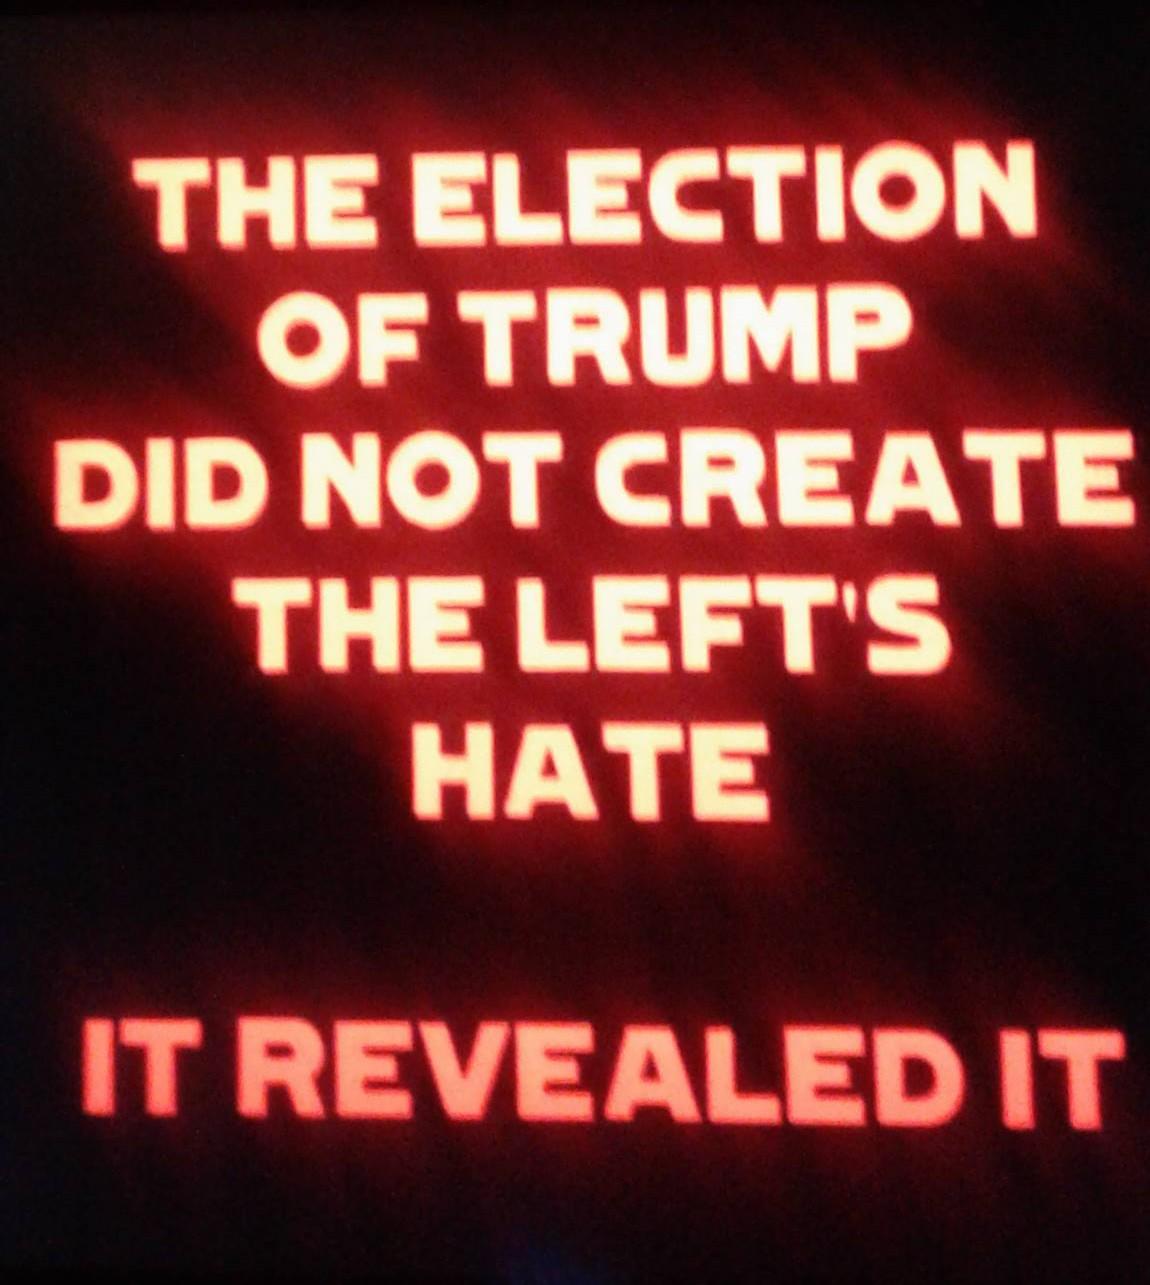 L'élection de Trump n'a pas créée la haine de la gauche Elle l'a révélée